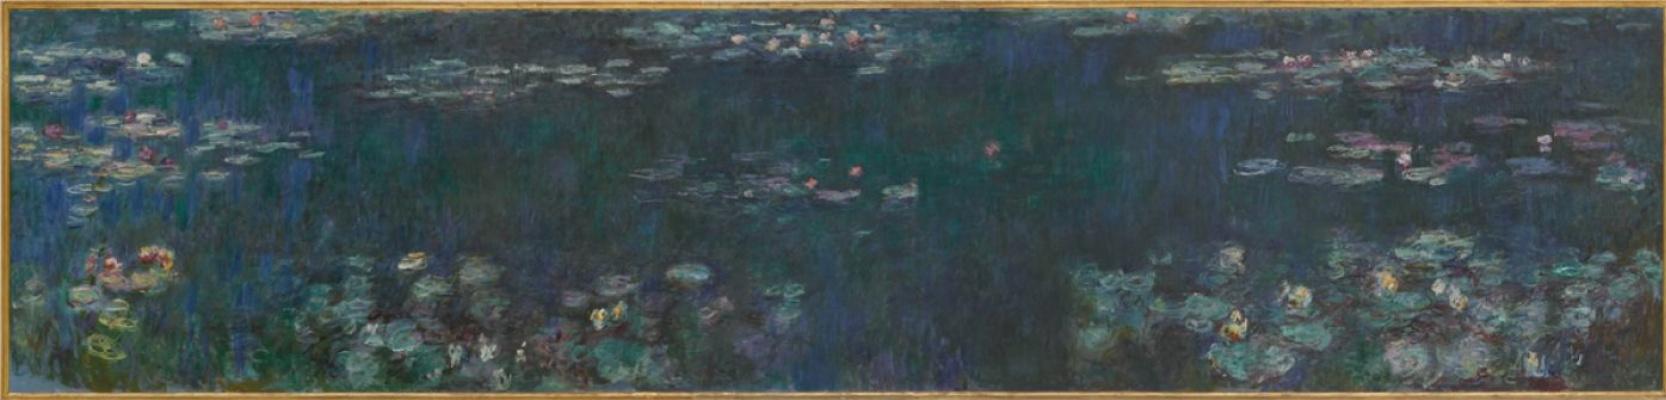 Клод Моне. Водяные лилии: зеленое отражение